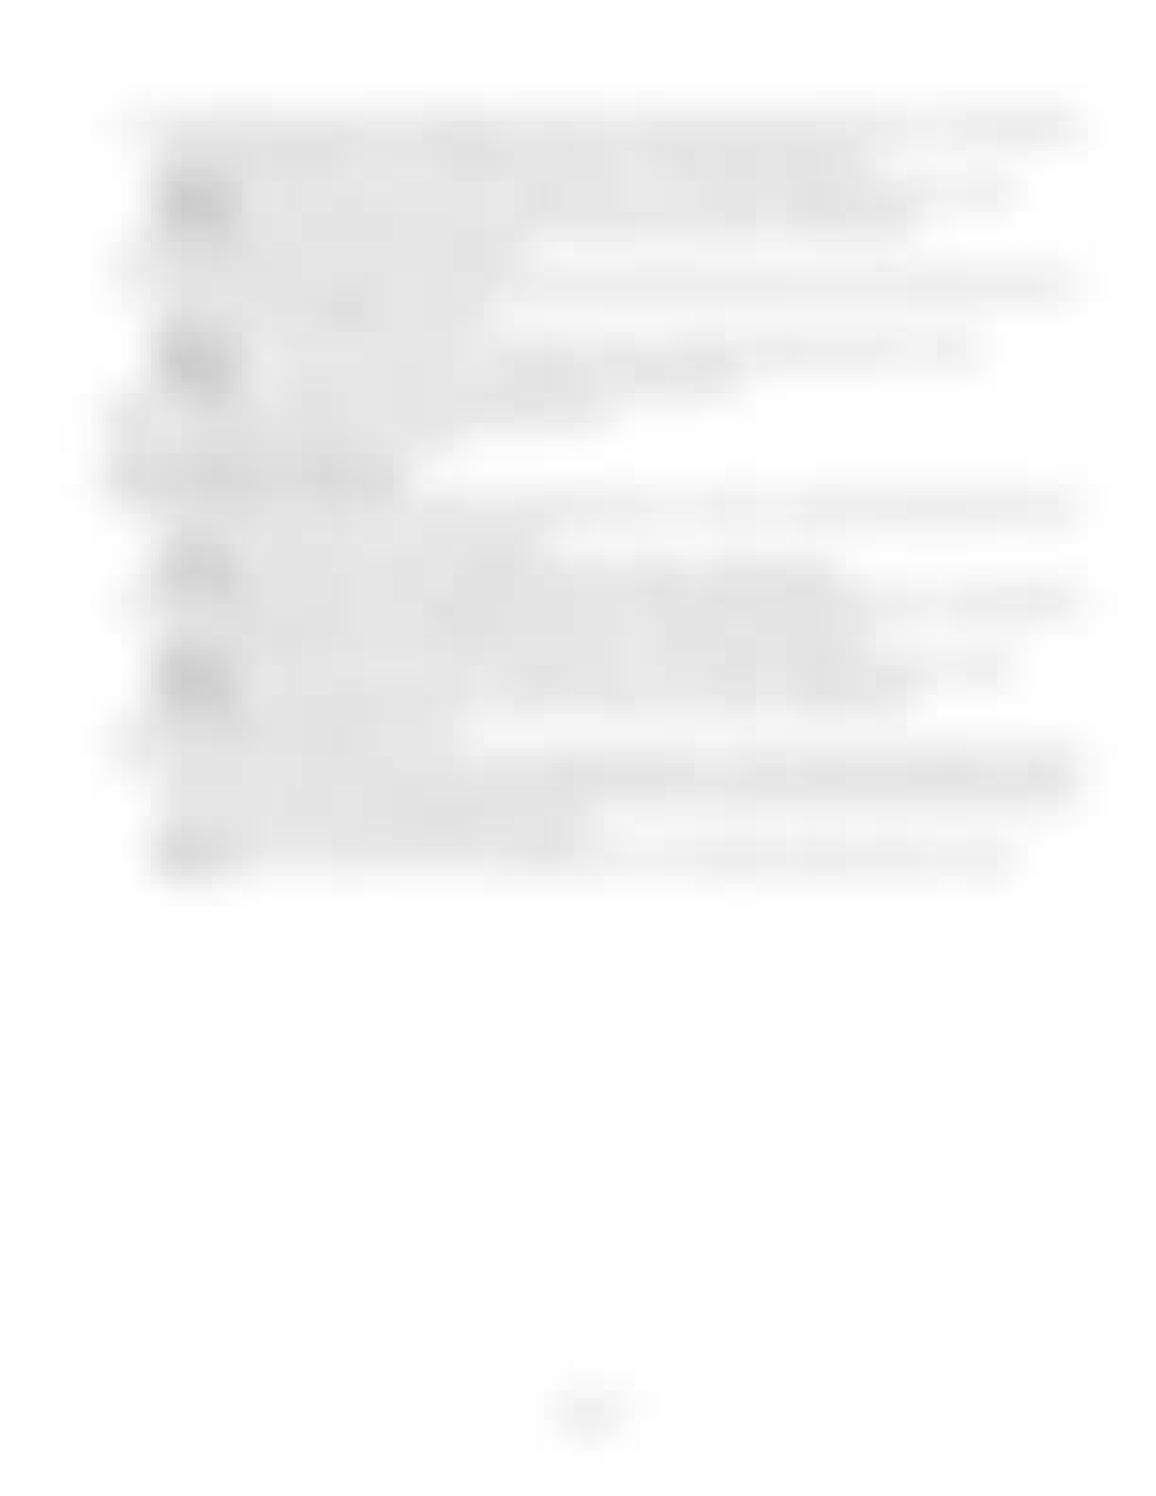 Hitachi LX110-7 LX130-7 LX160-7 LX190-7 LX230-7 Wheel Loader Workshop Manual - PDF DOWNLOAD page 267